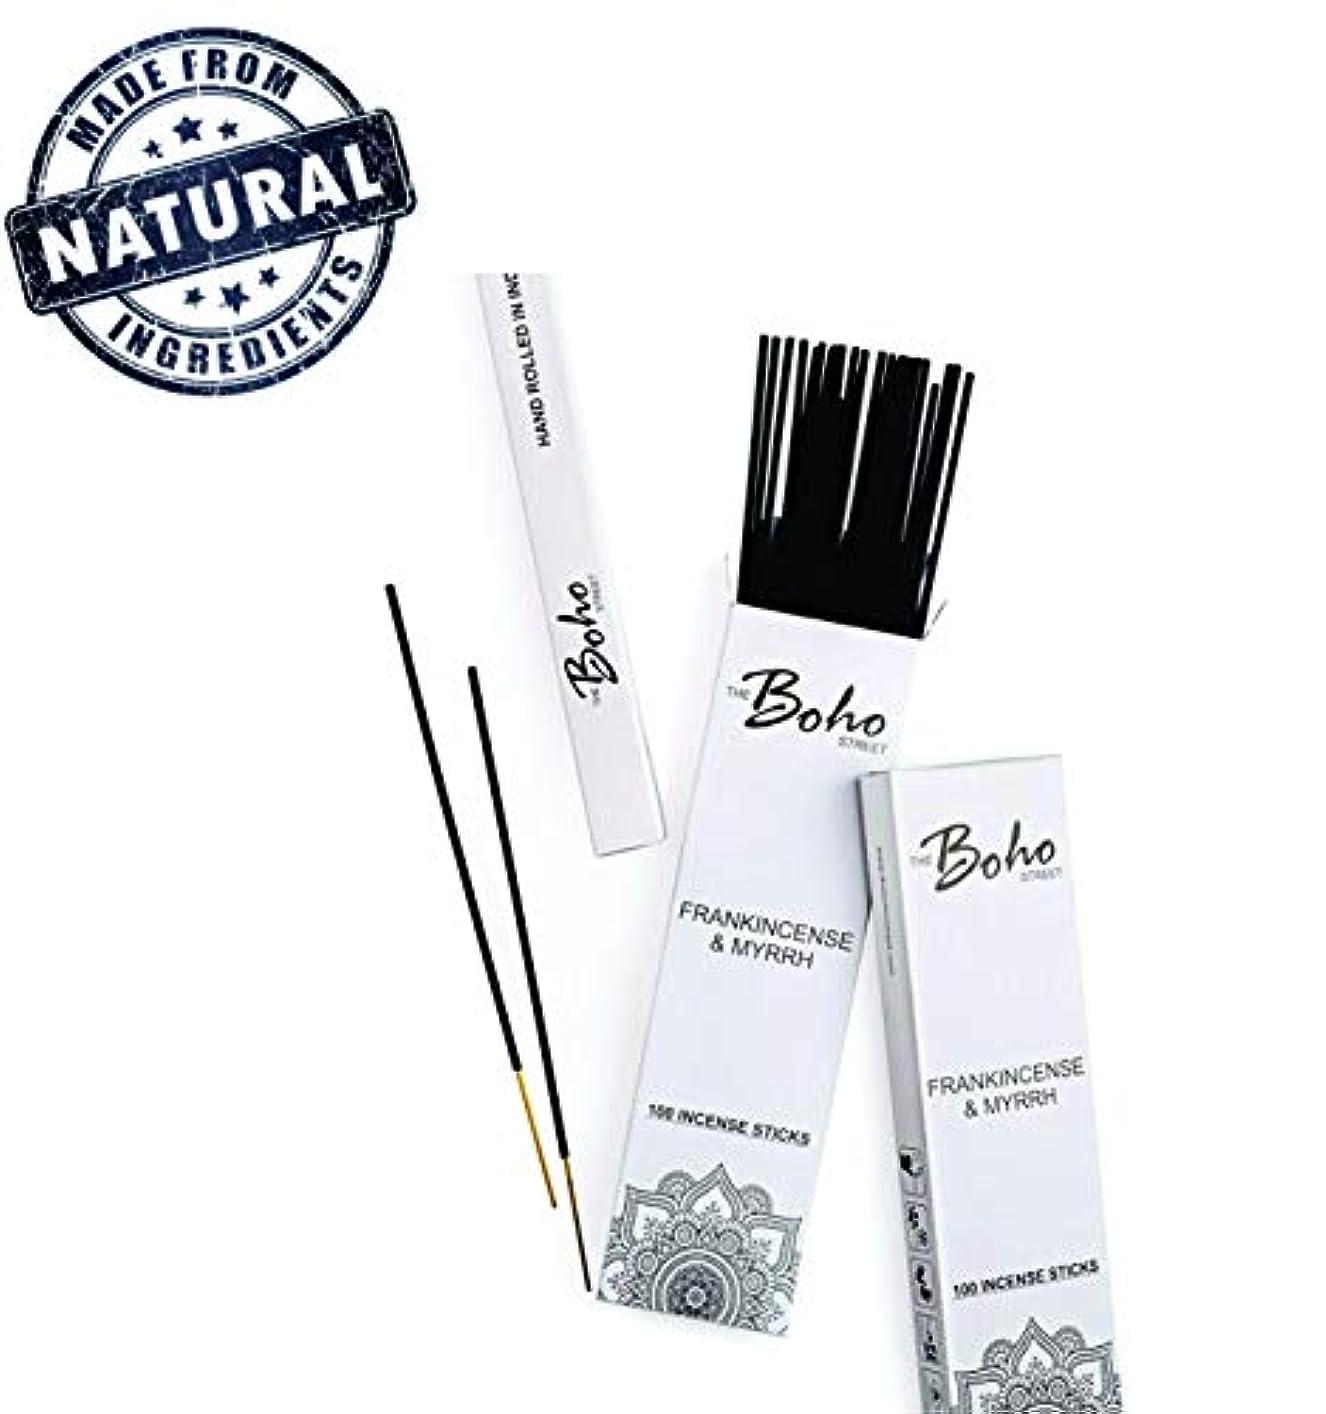 フェードアウトエラー支出(100) - The Boho Street Premium Incense Sticks - Frankincense and Myrrh 100% Hand Rolled Hand Dipped in India 100 Sticks pack (100)